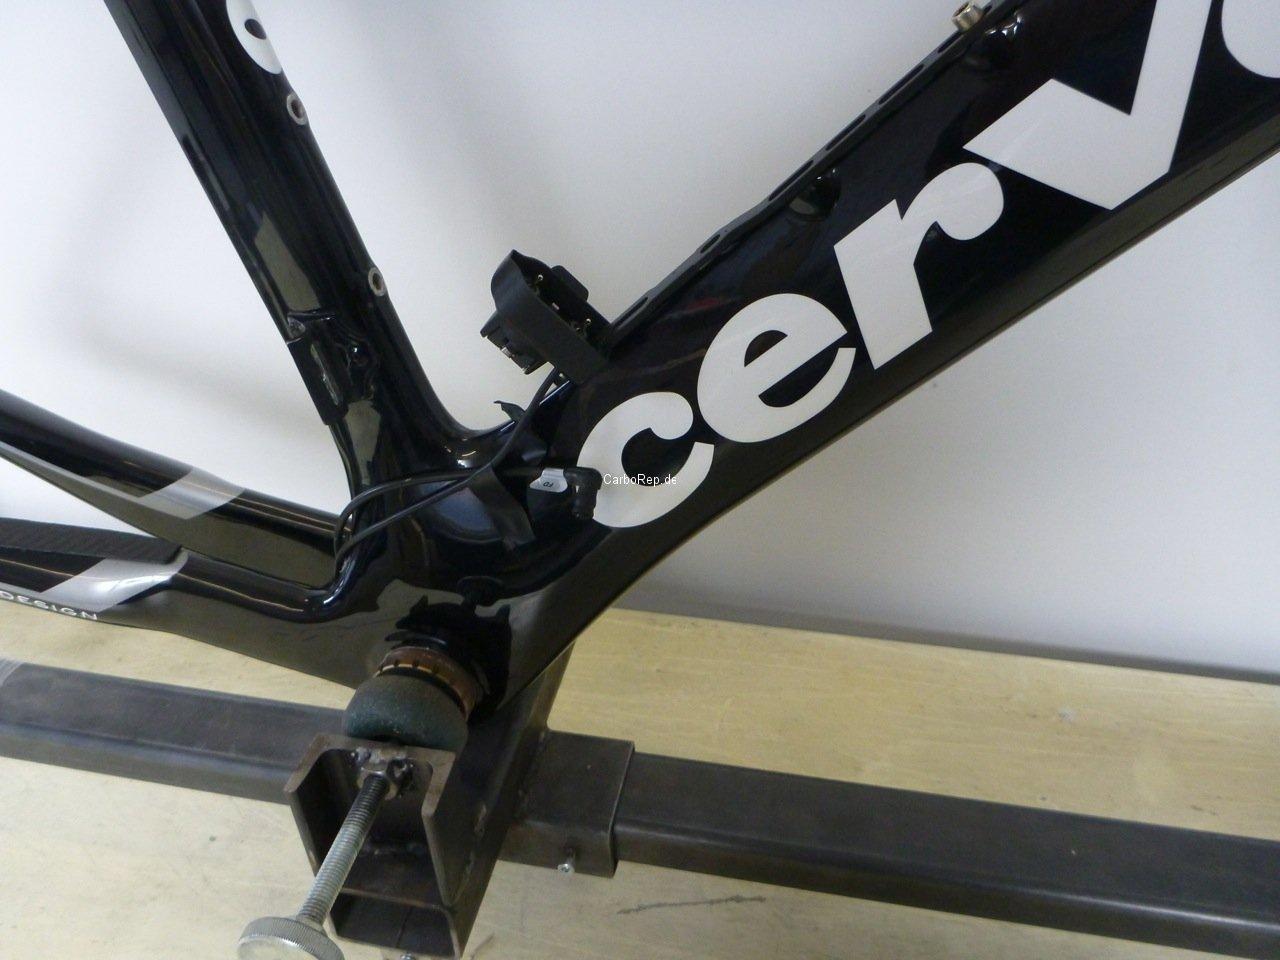 Carbon_Rahmen_Reparatur_Cervelo_S3_12